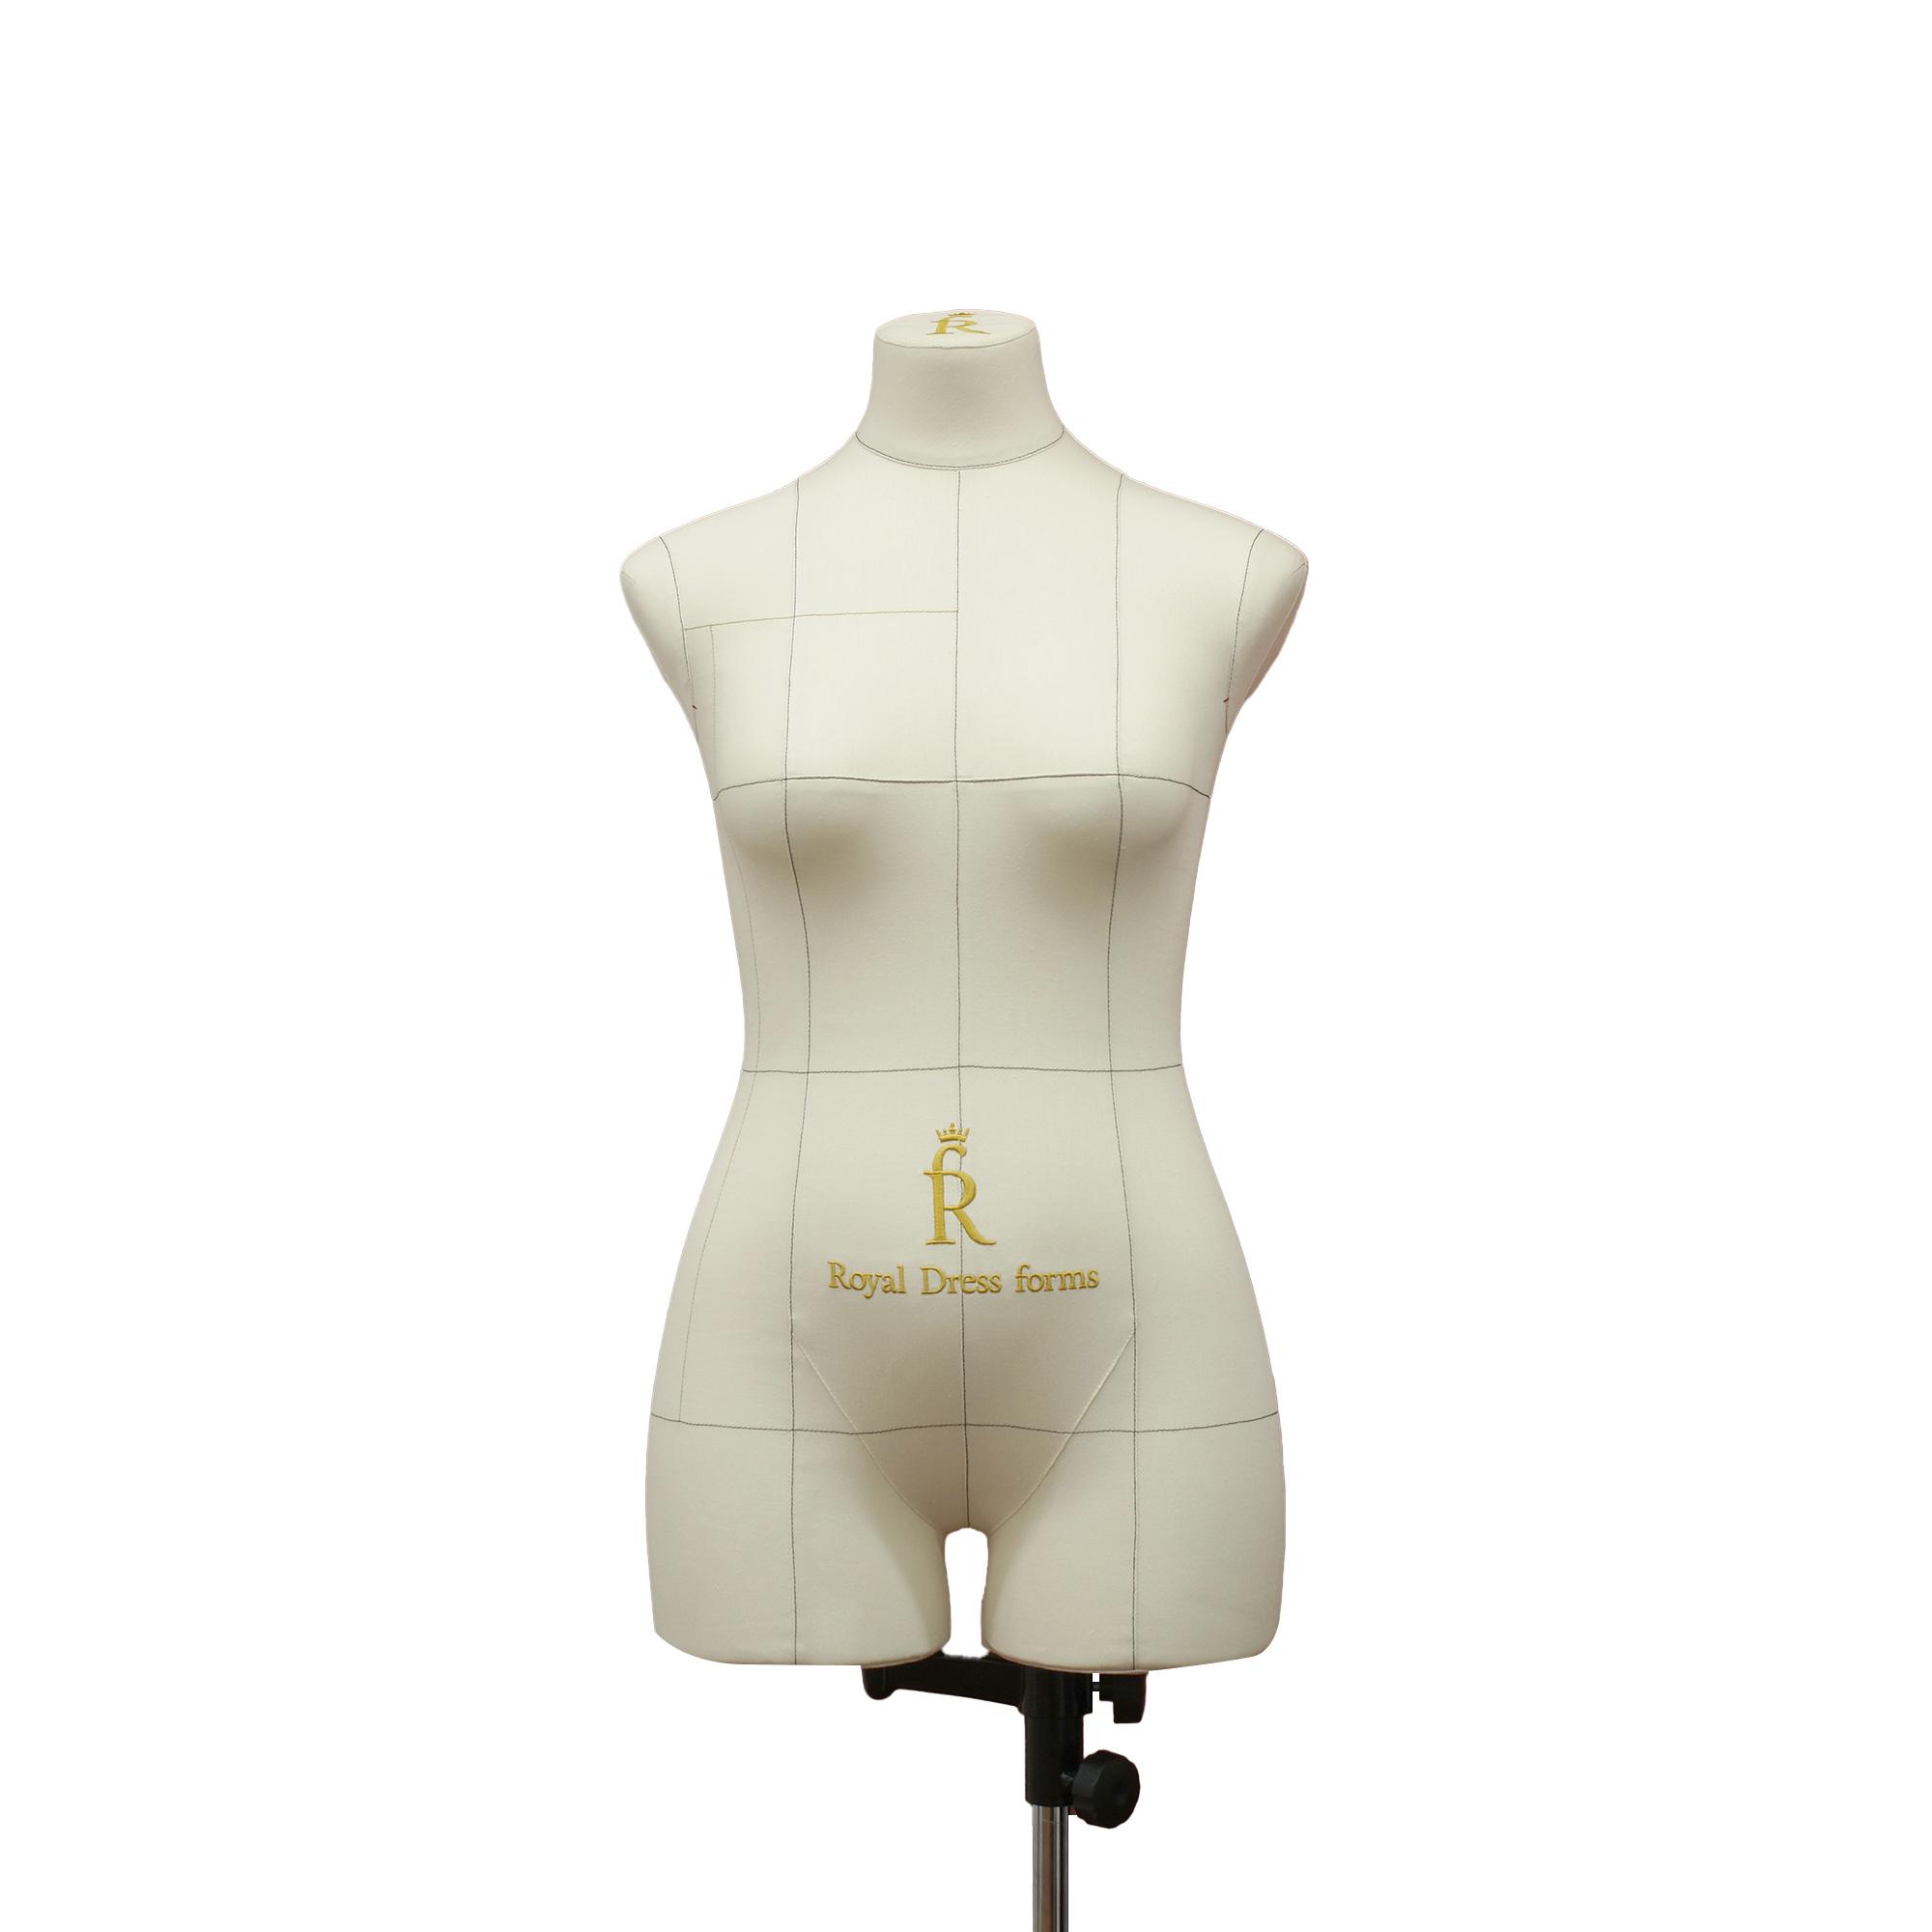 Манекен портновский Моника, комплект Про, размер 44, тип фигуры Песочные часы, бежевыйФото 0